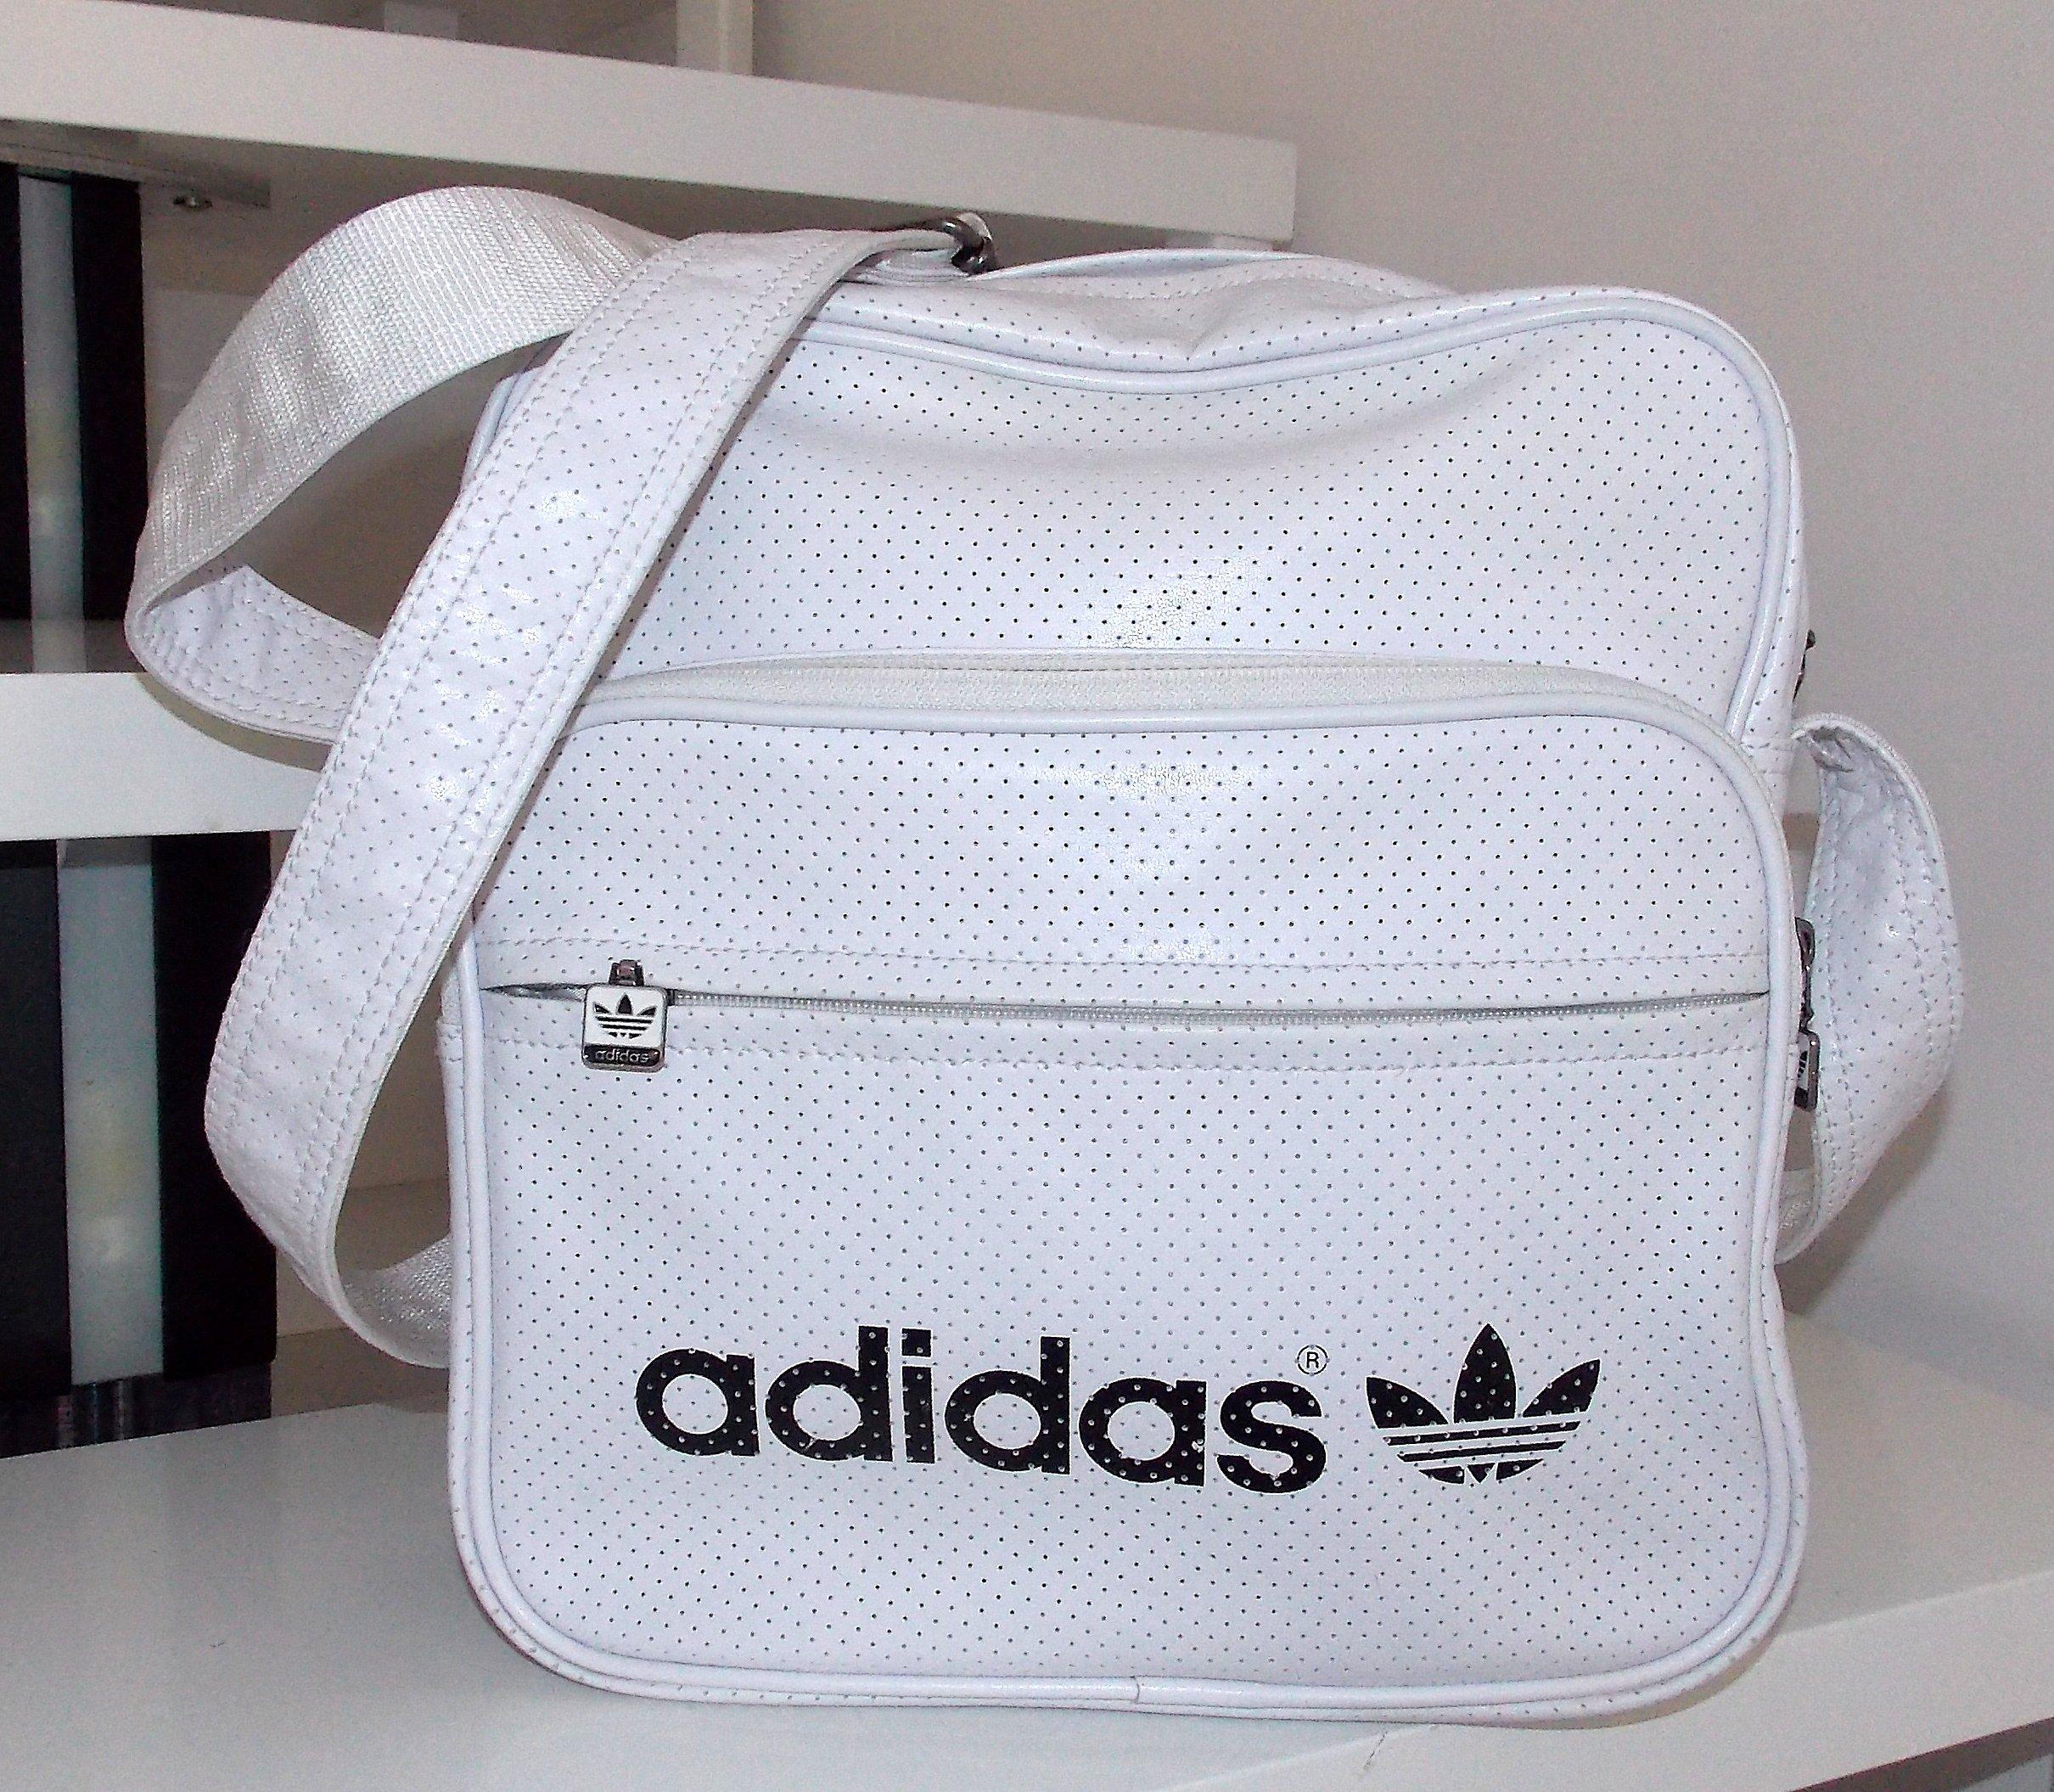 7fd514a71d98f adidas biała sportowa torebka - 7405641064 - oficjalne archiwum allegro